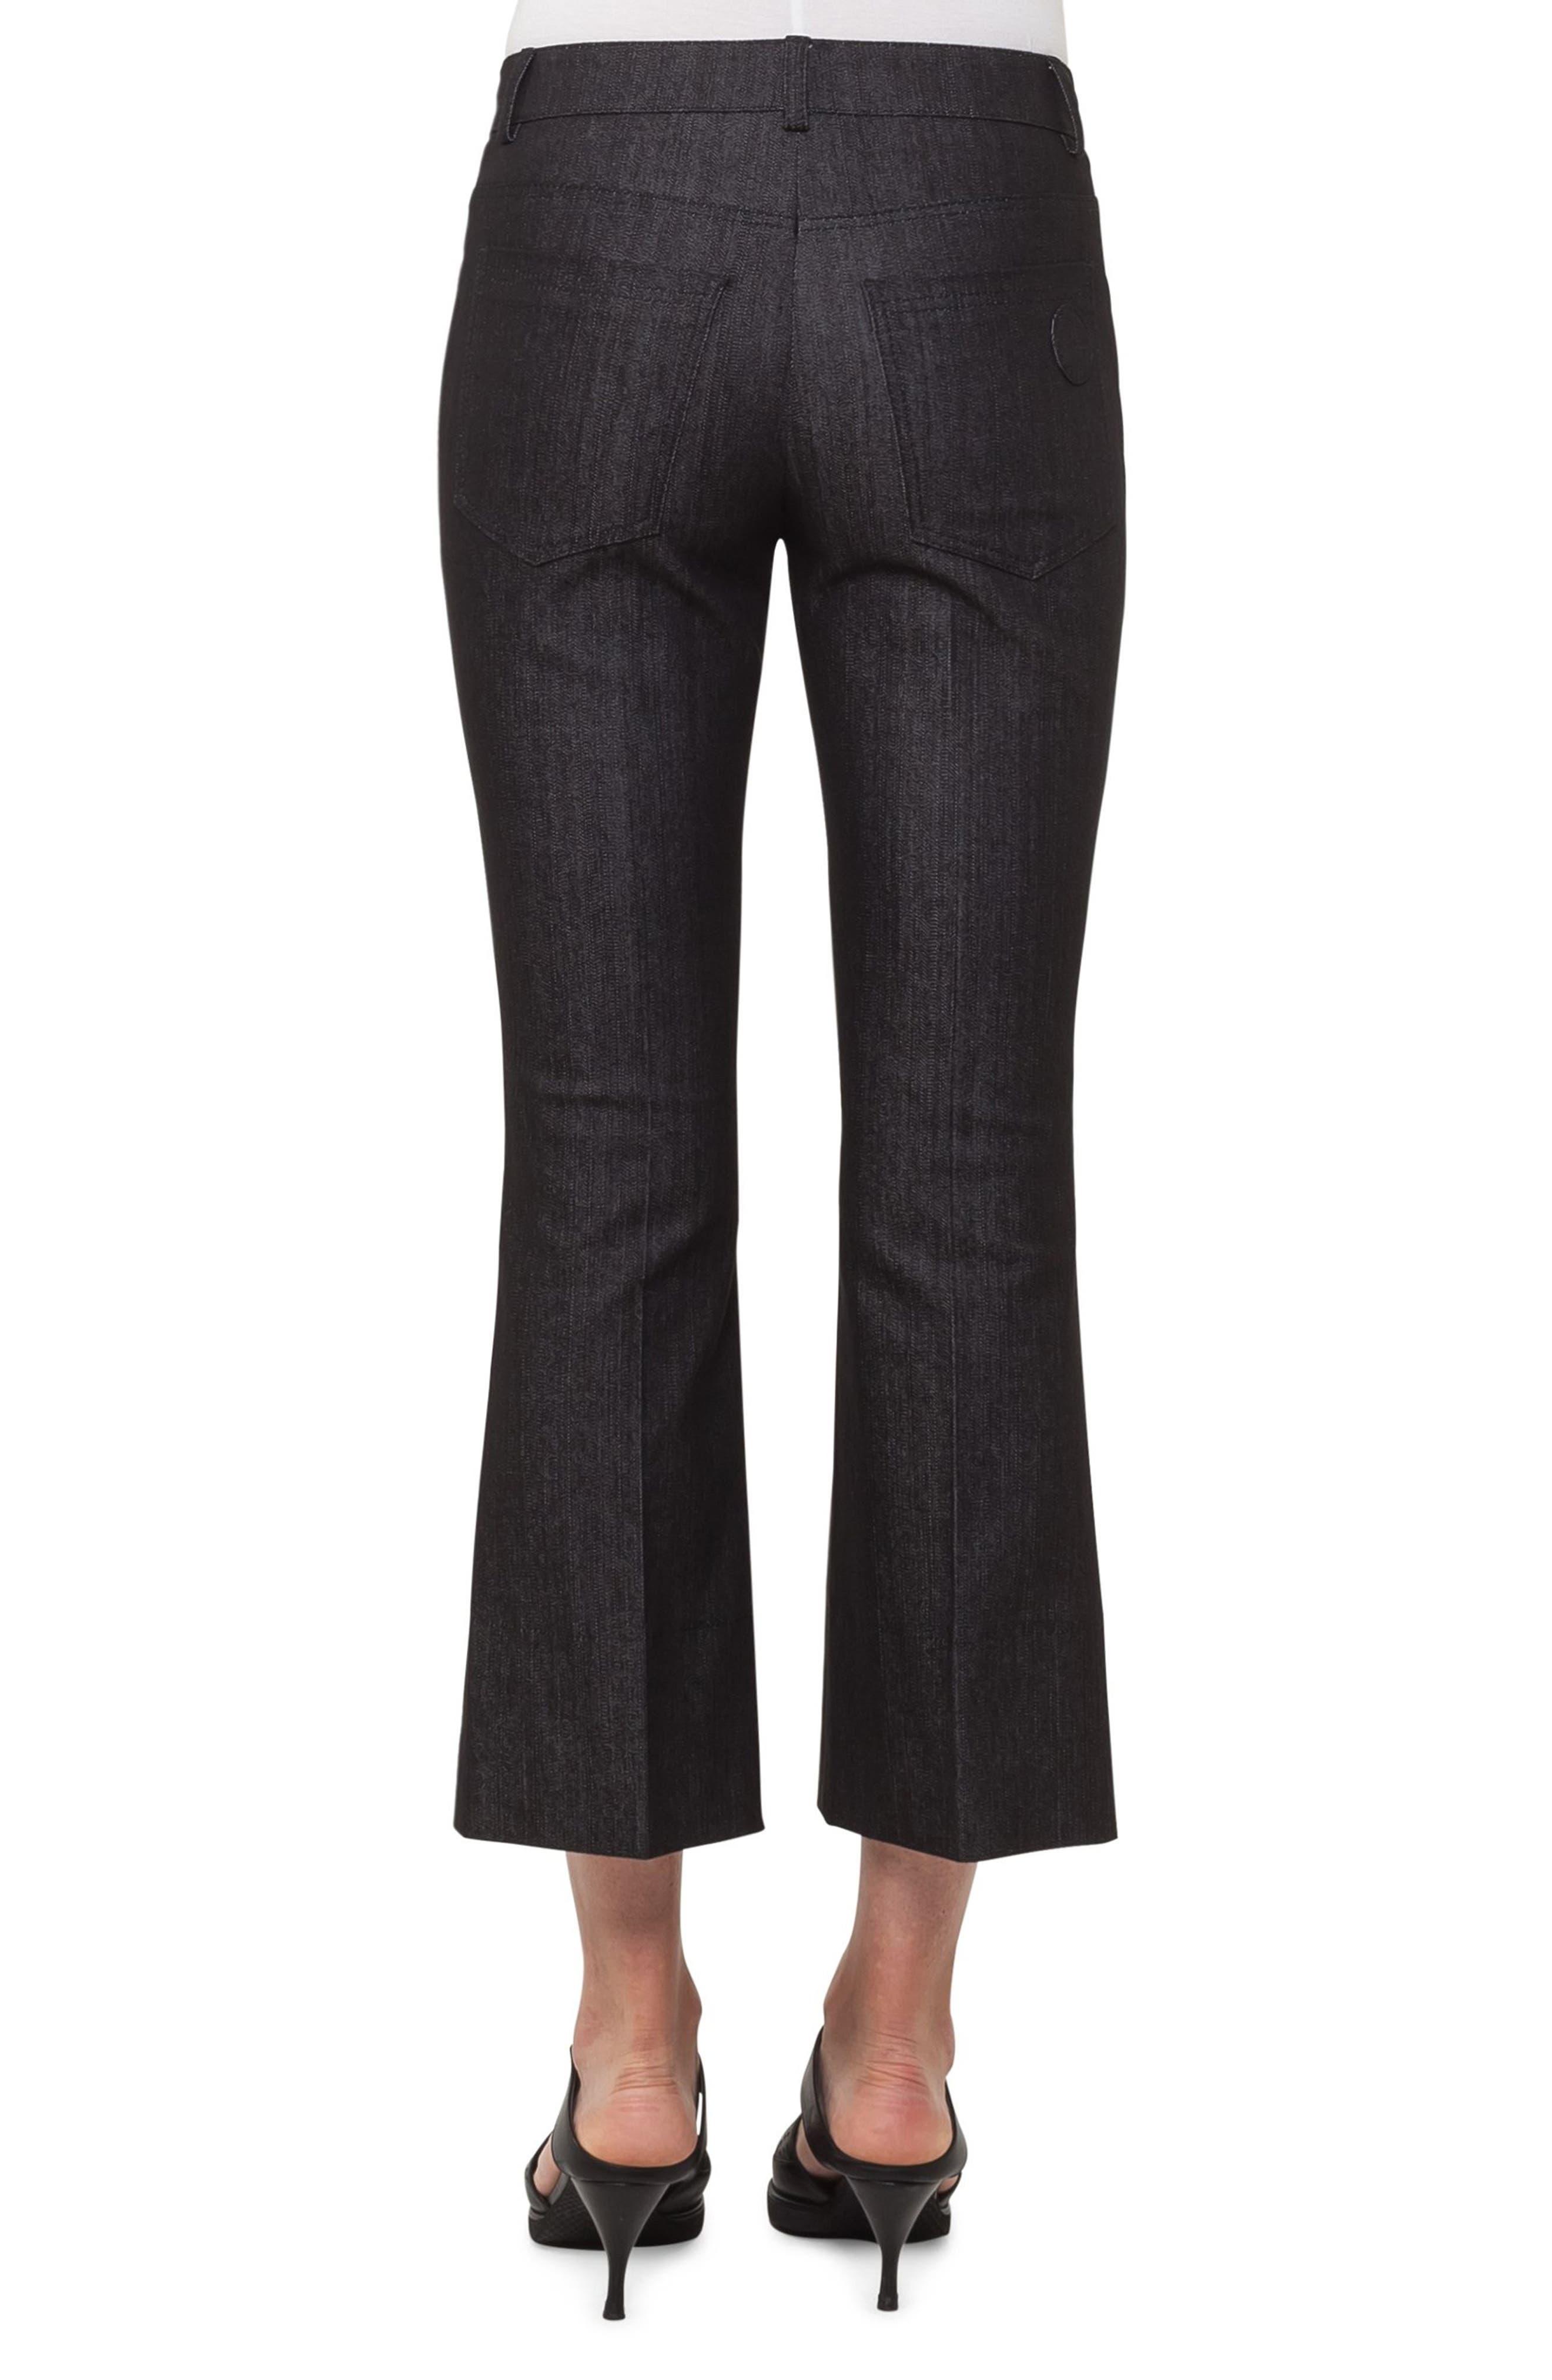 Manou Crop Flare Jeans,                             Alternate thumbnail 2, color,                             009